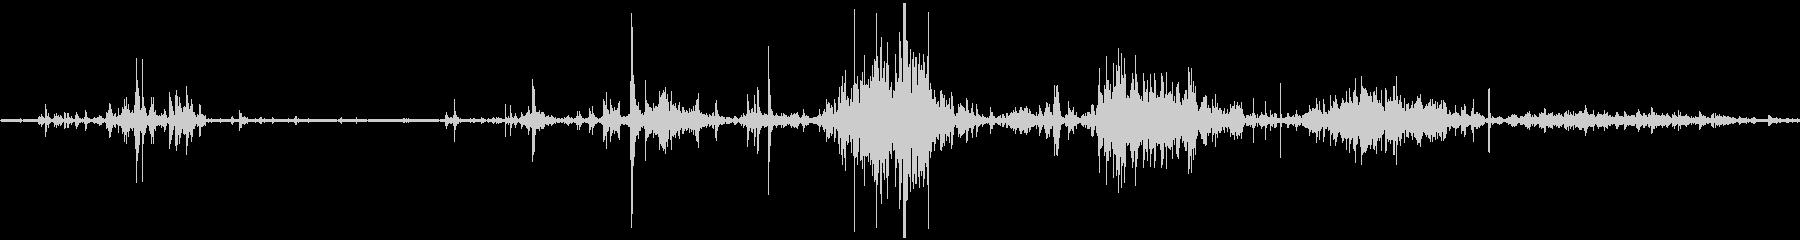 スケボー(スケートボード)の音の未再生の波形